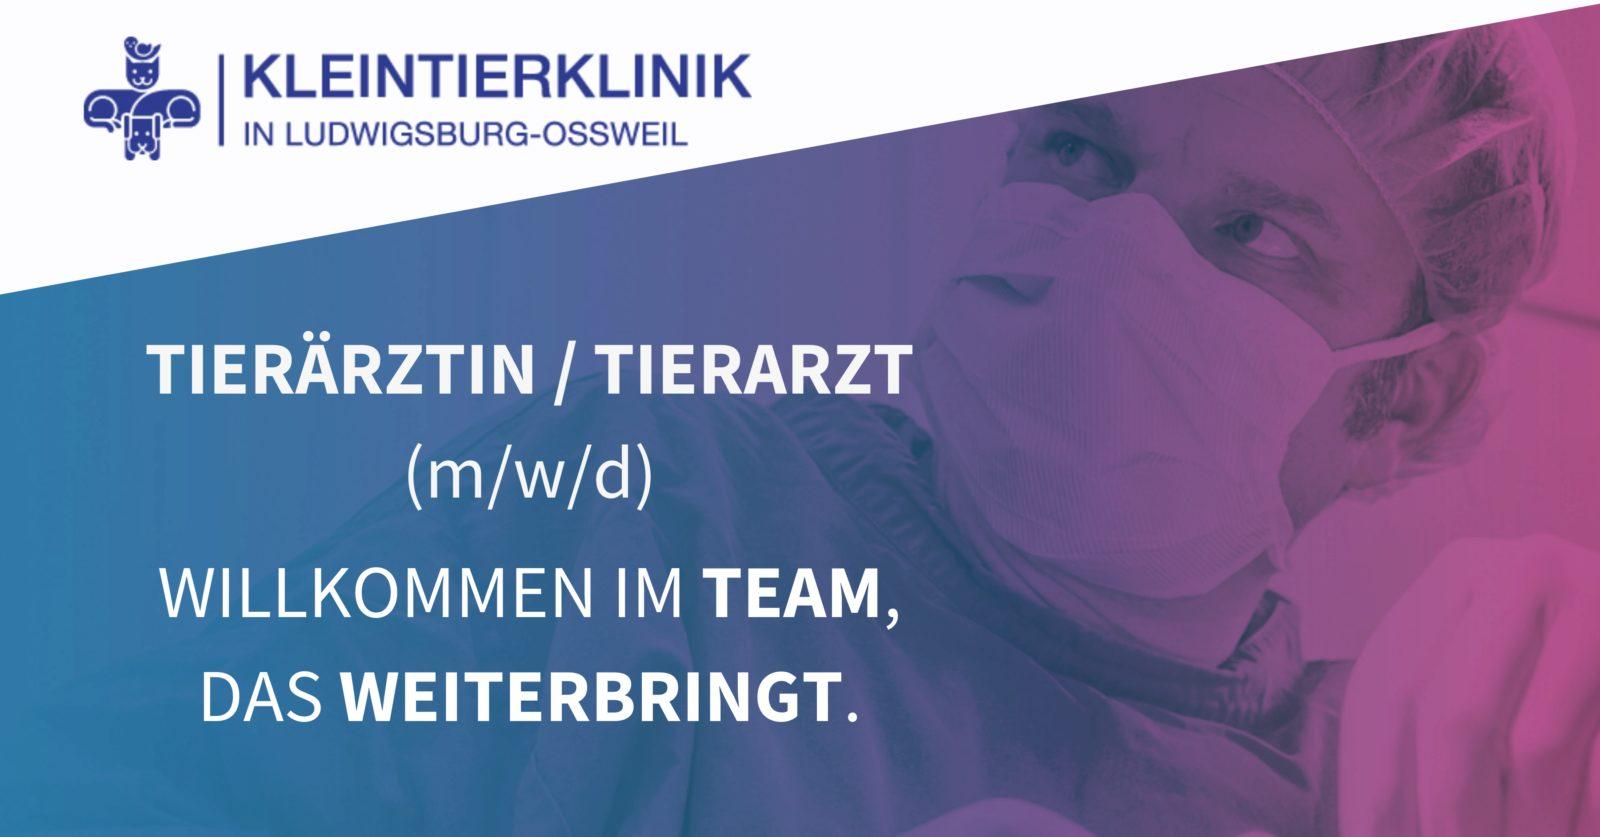 Kleintierklinik in Ludwigsburg-Oßweil - Studentische Praktikanten & Interns (m/w/d) in Ludwigsburg-Ossweil, Baden-Württemberg